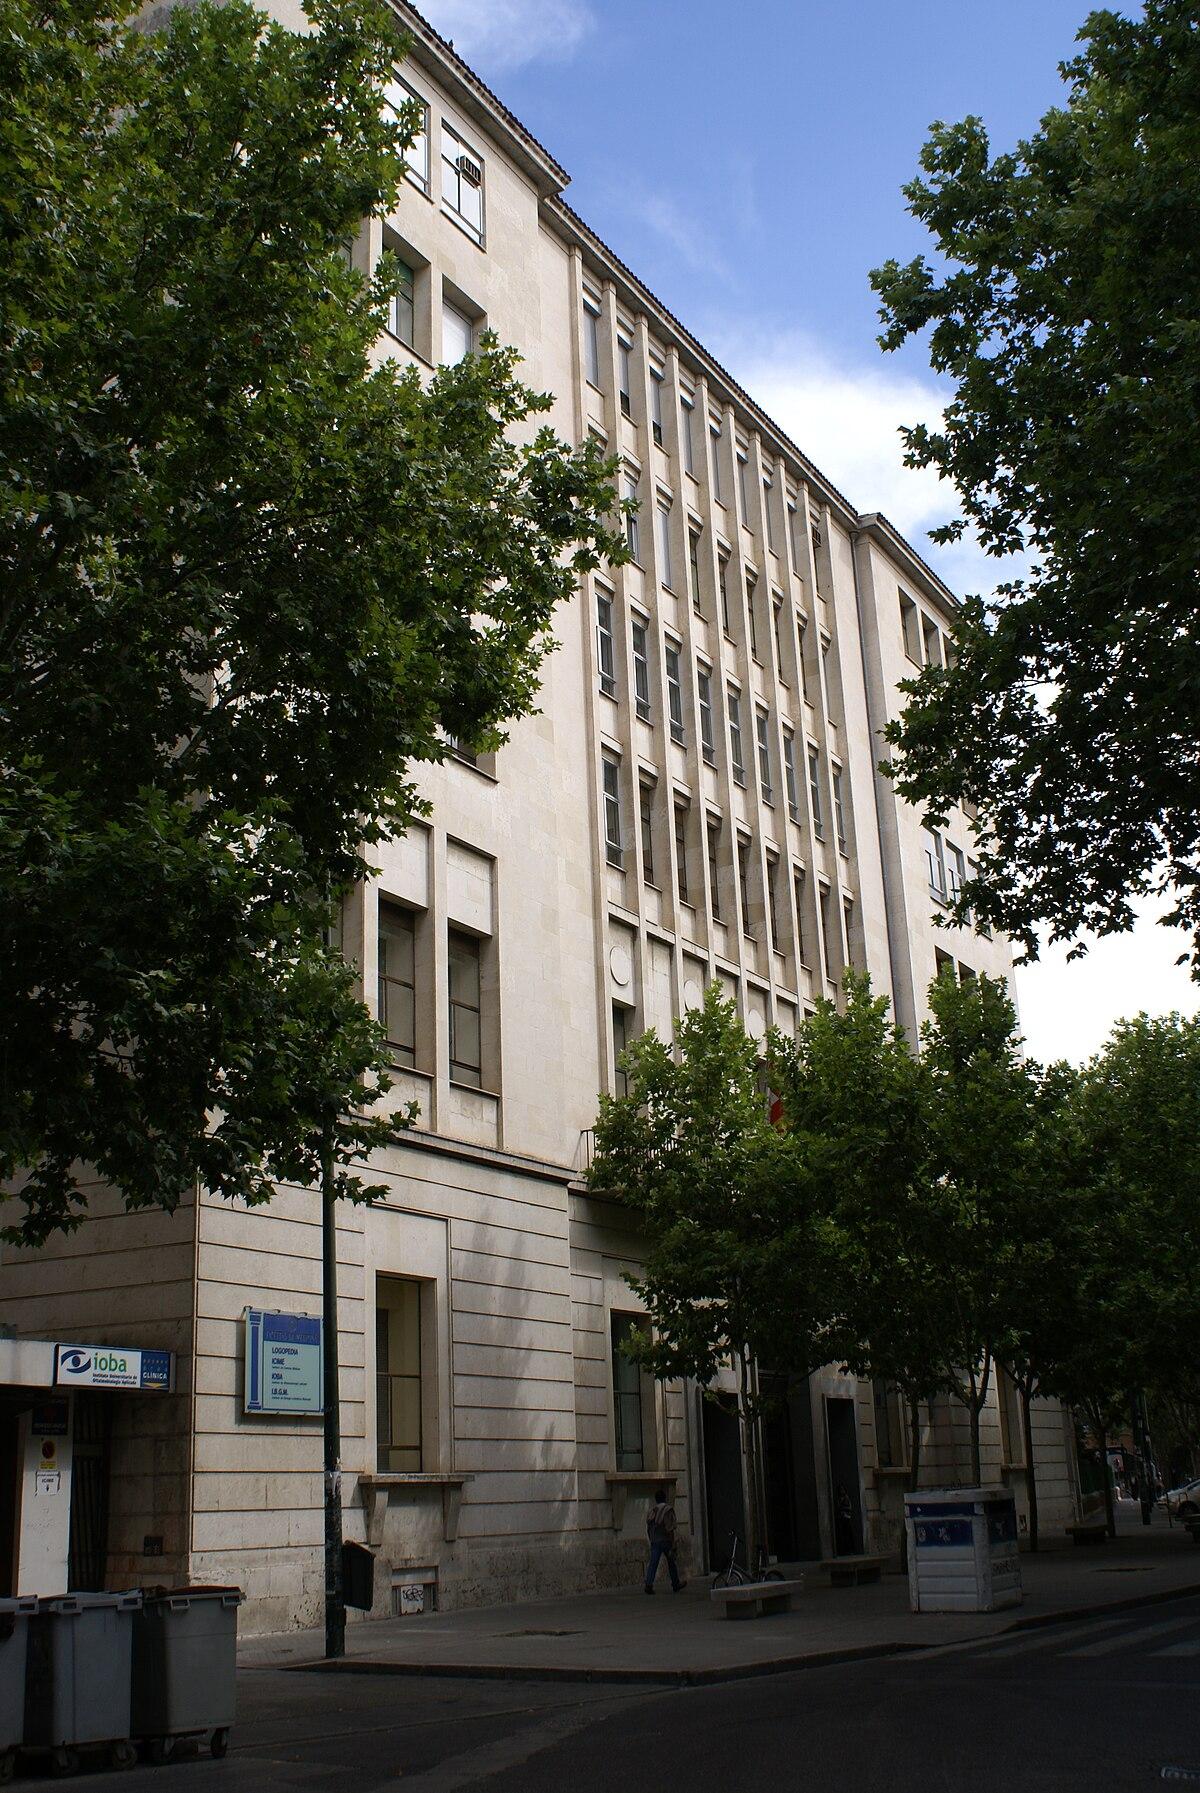 Facultad de Medicina de Valladolid - Wikipedia, la enciclopedia libre